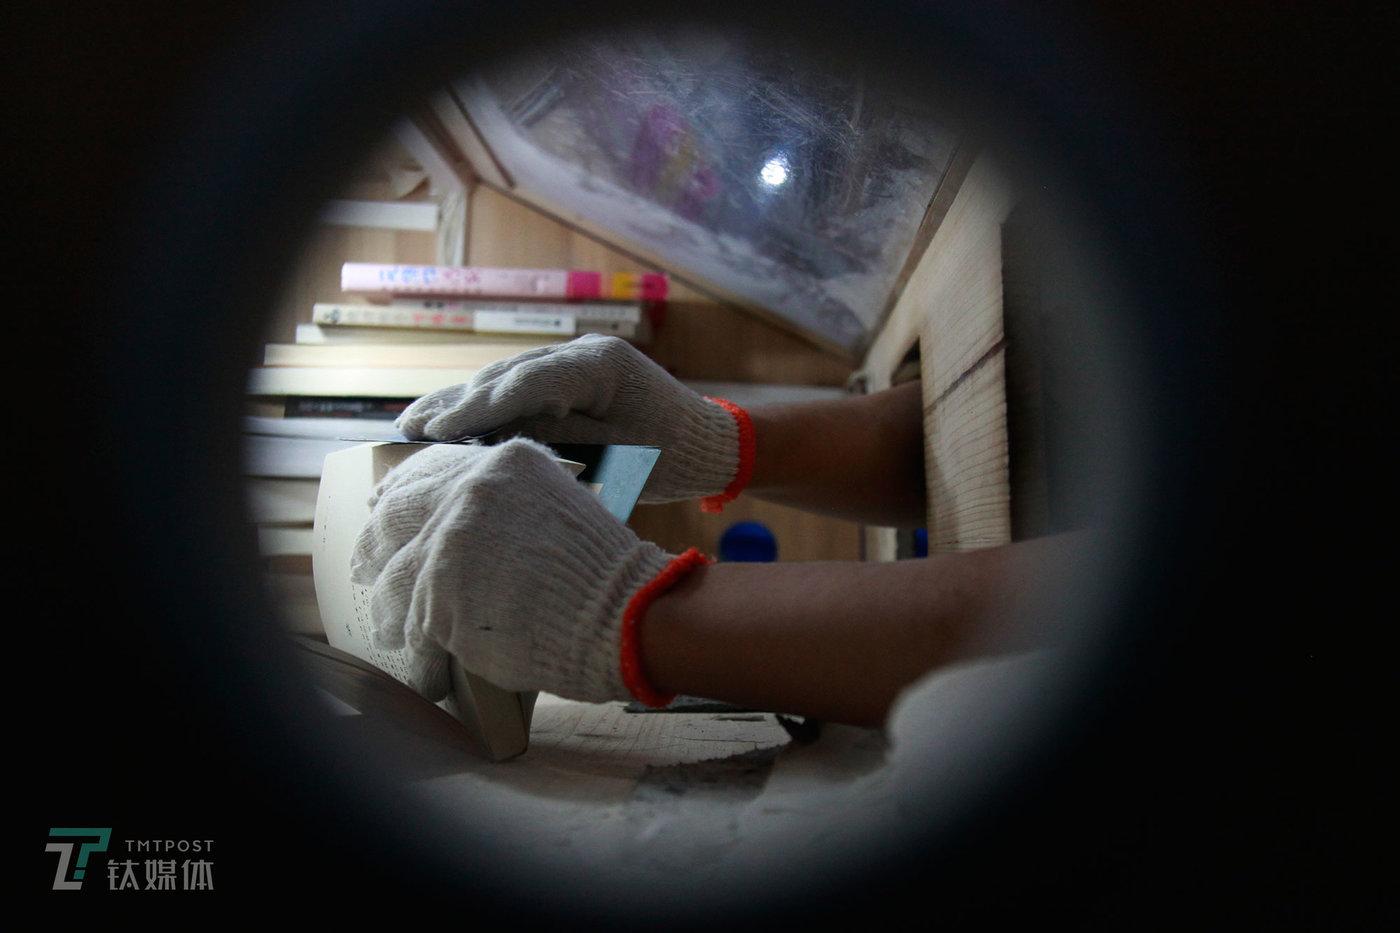 打磨是在一个封闭的工作台内进行,工人使用的工具是砂纸。